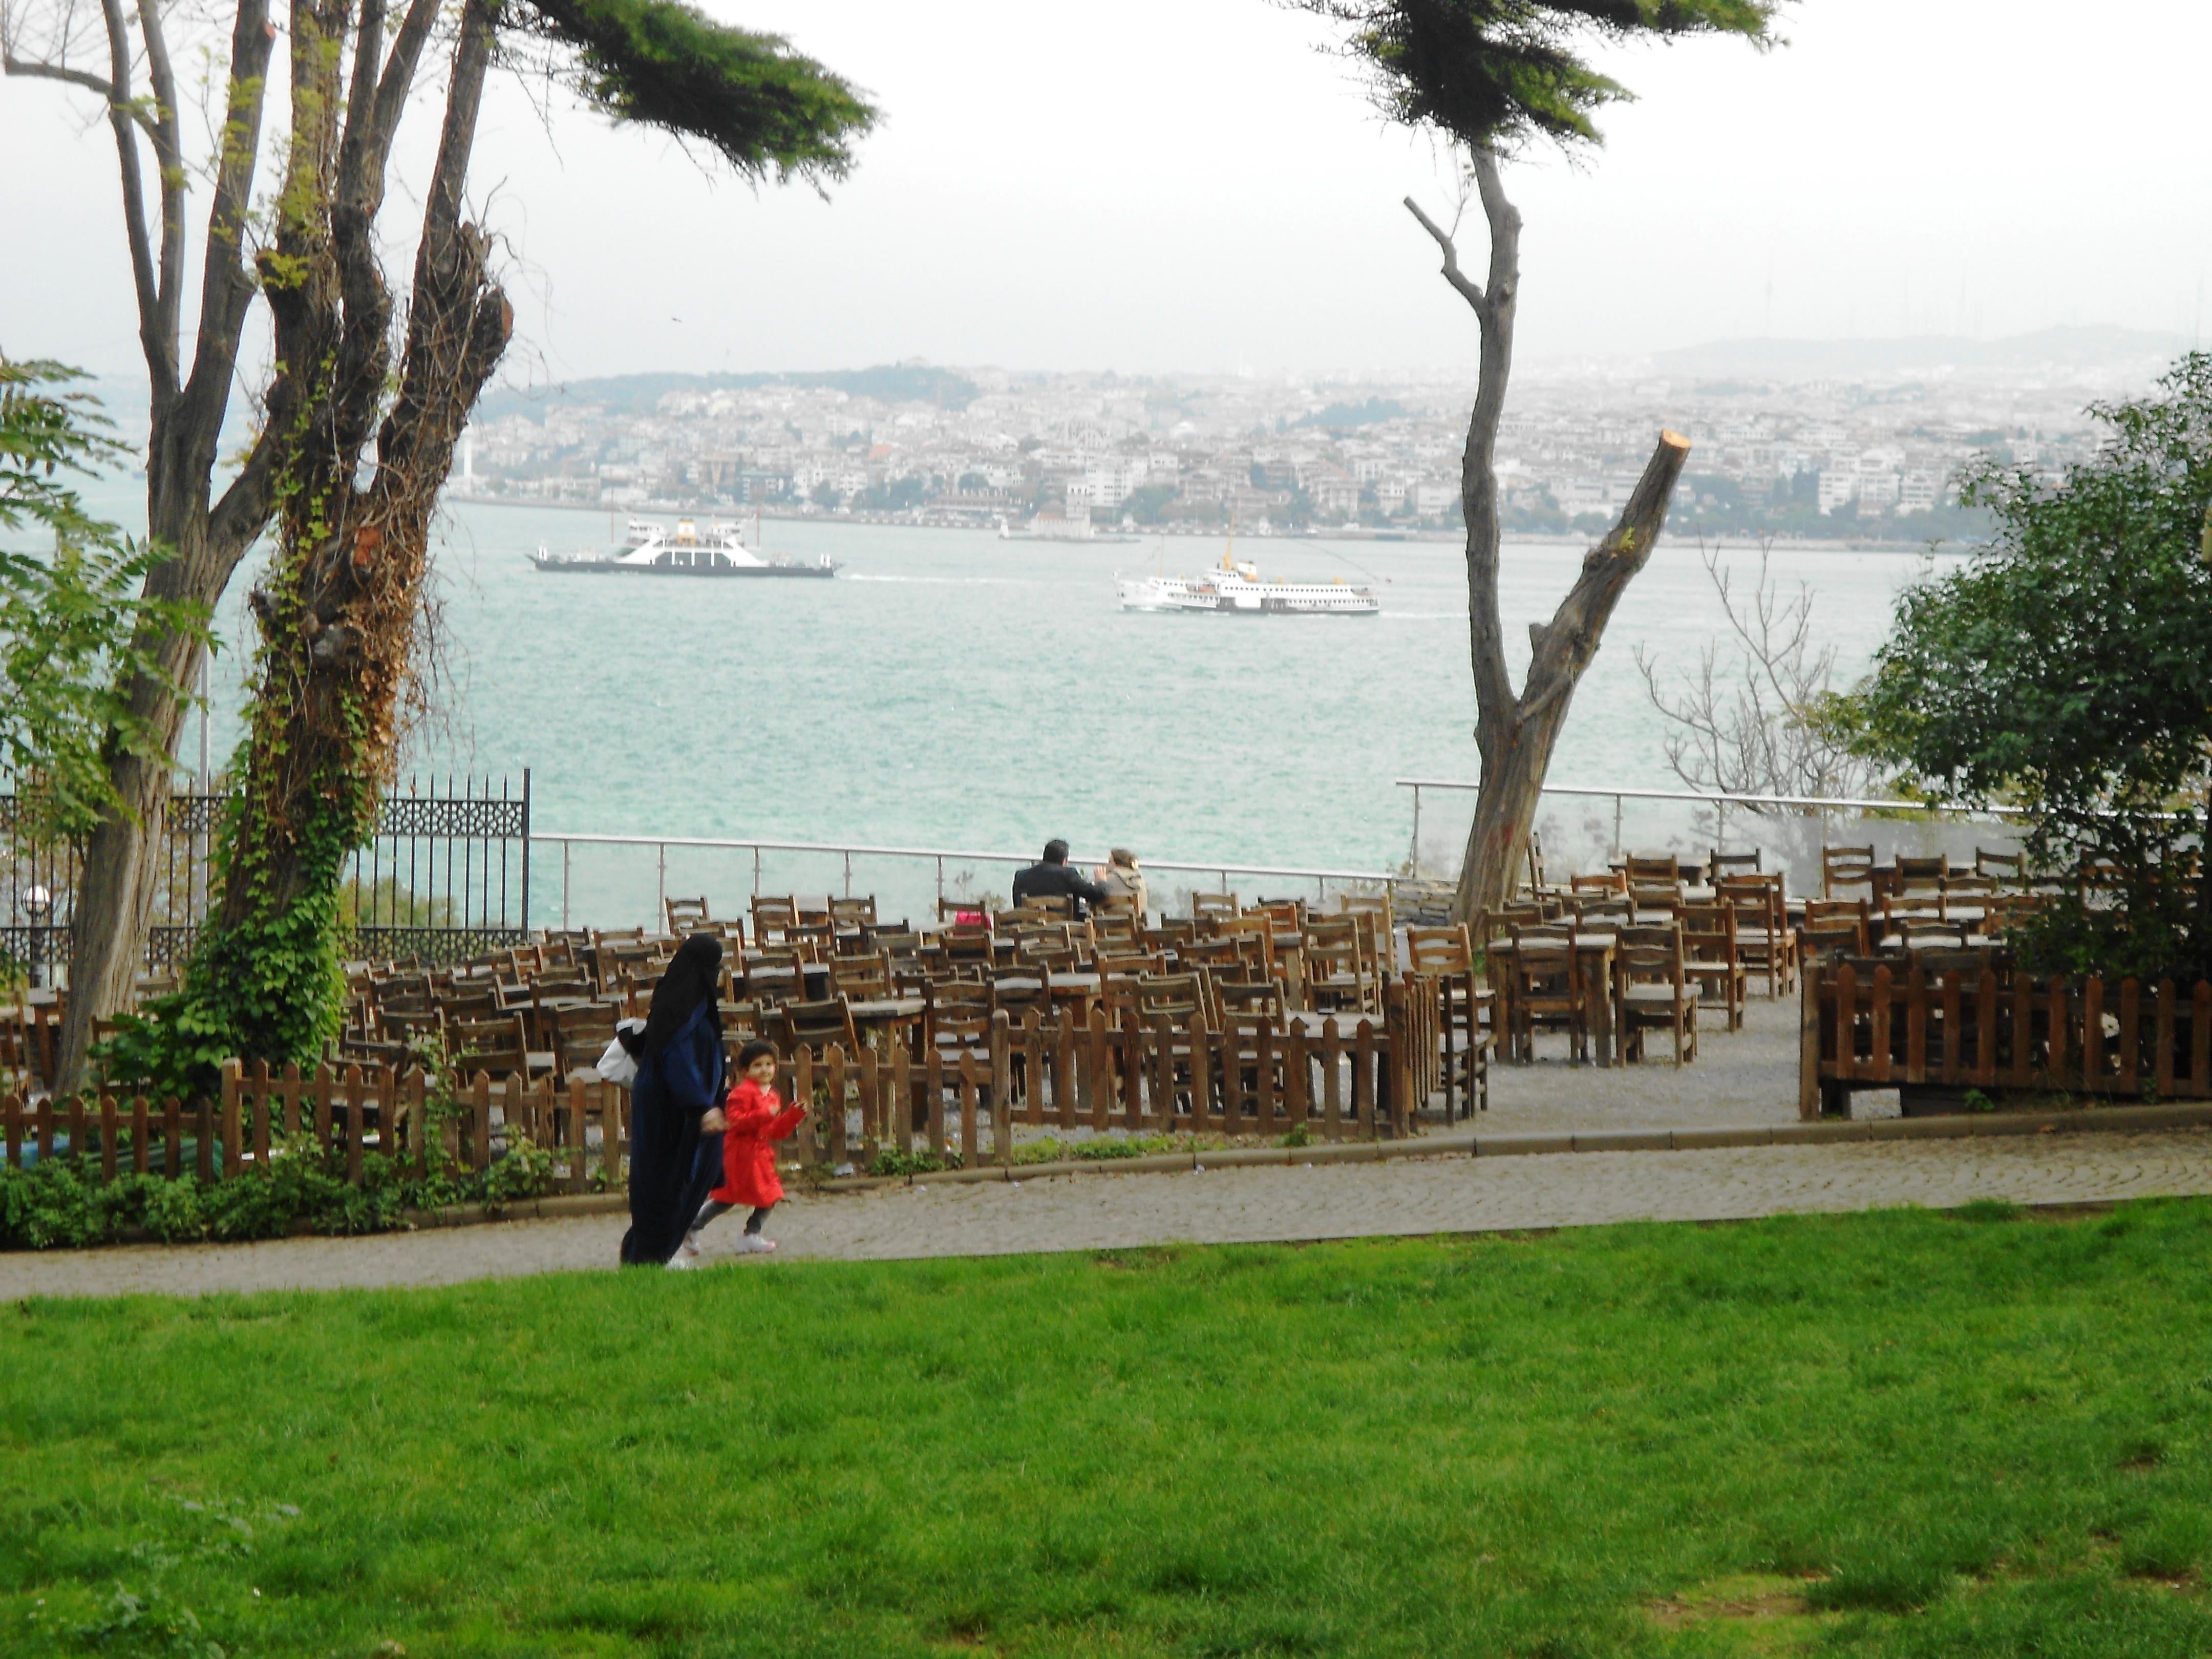 Istanbul – Răpirea din Serai în varianta 2014